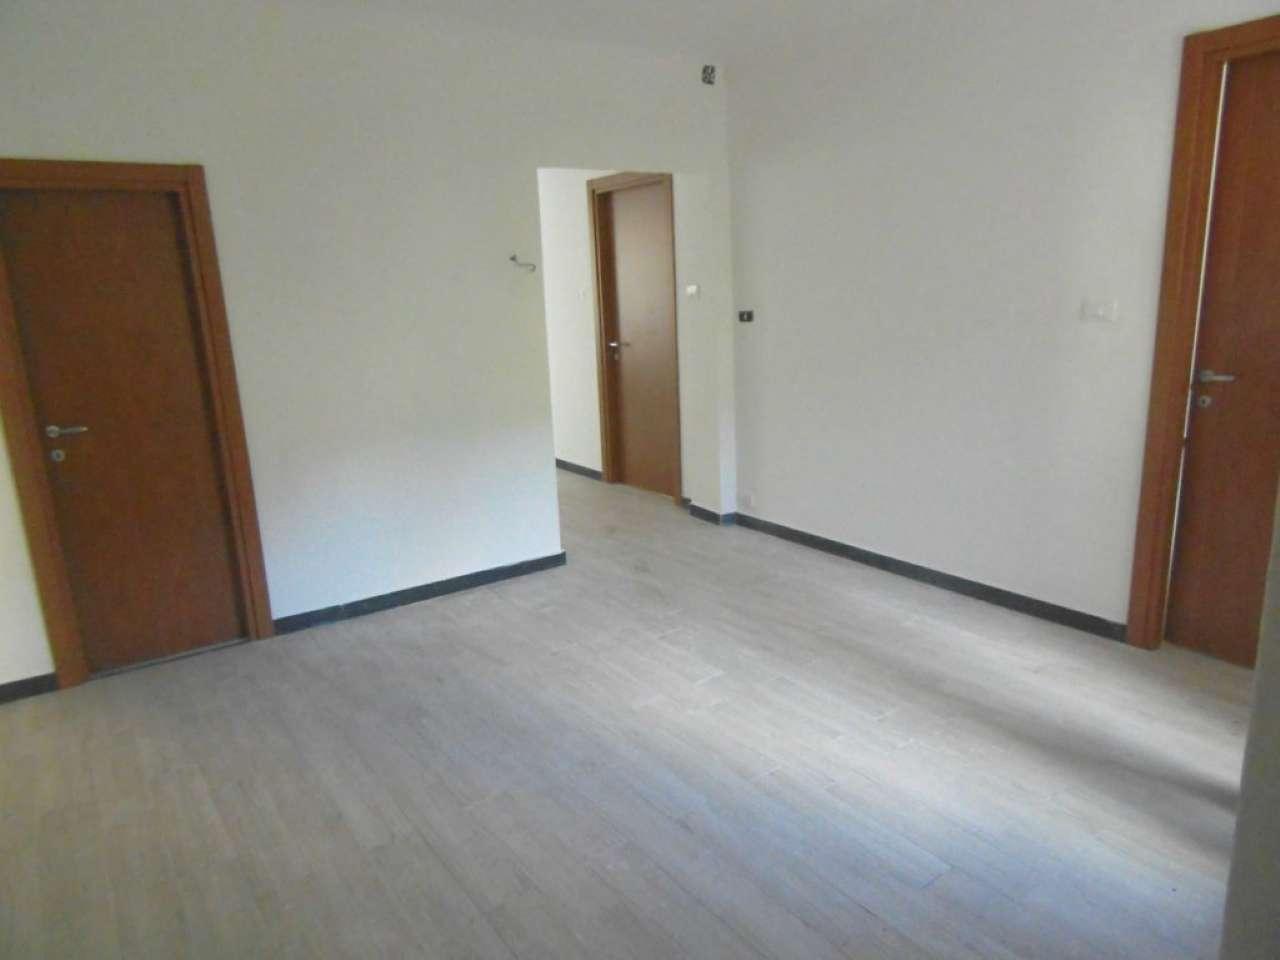 Appartamento in vendita a Campomorone, 3 locali, prezzo € 49.500 | Cambio Casa.it